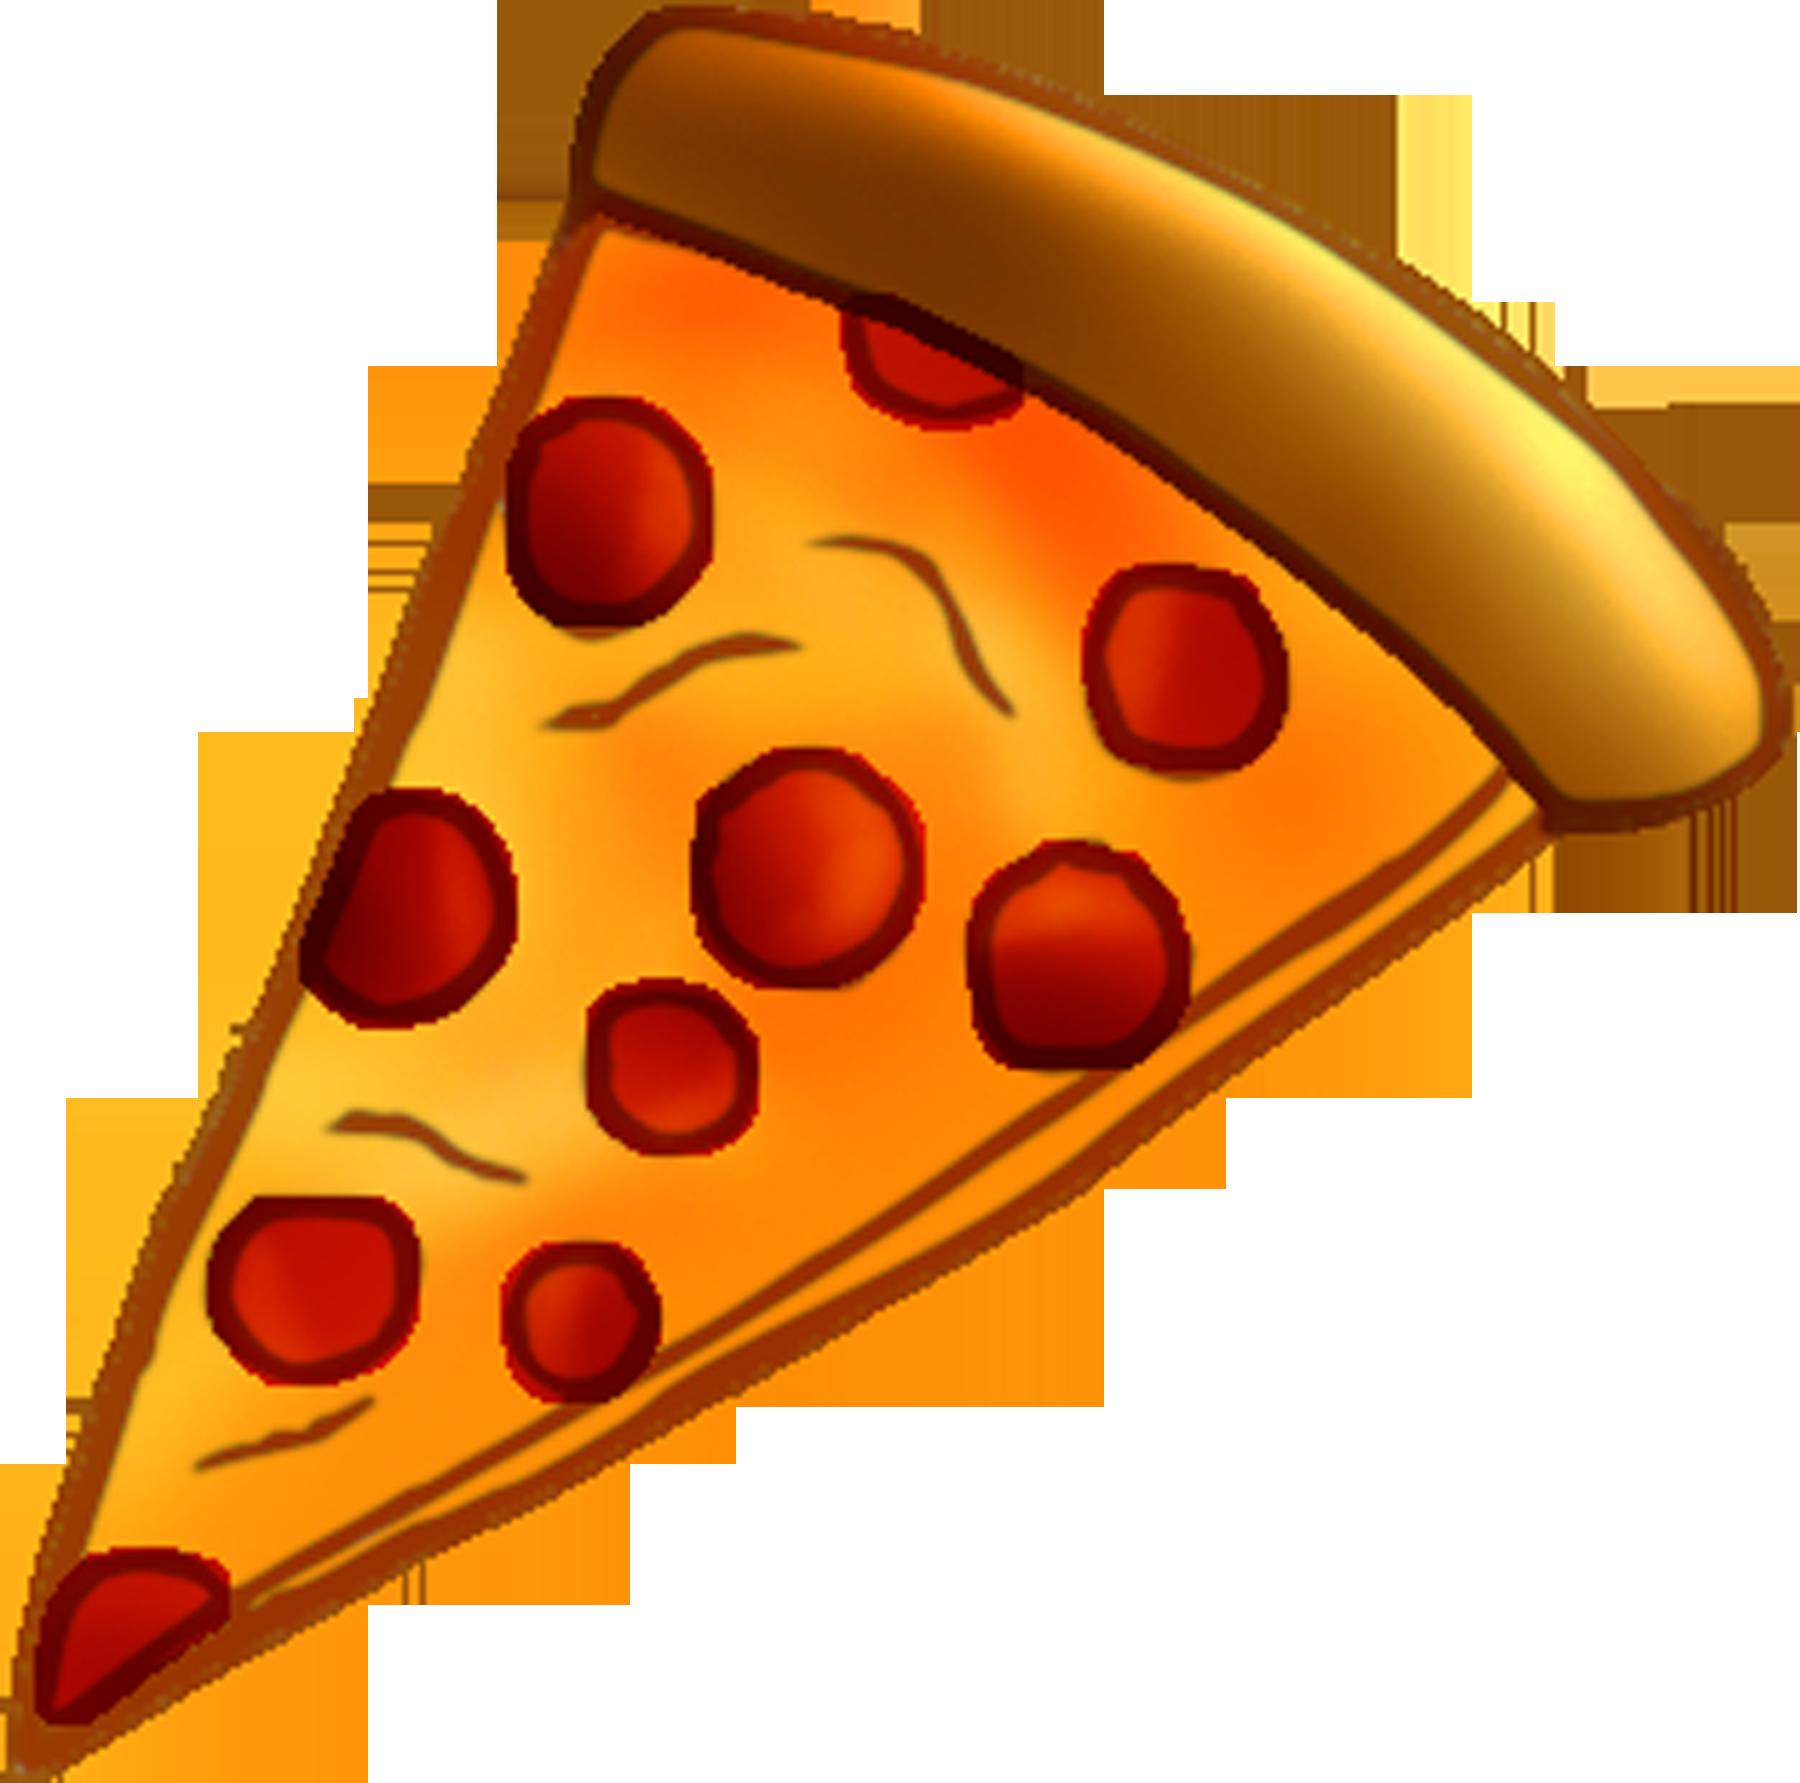 Pizza slice clip art free .-Pizza slice clip art free .-1